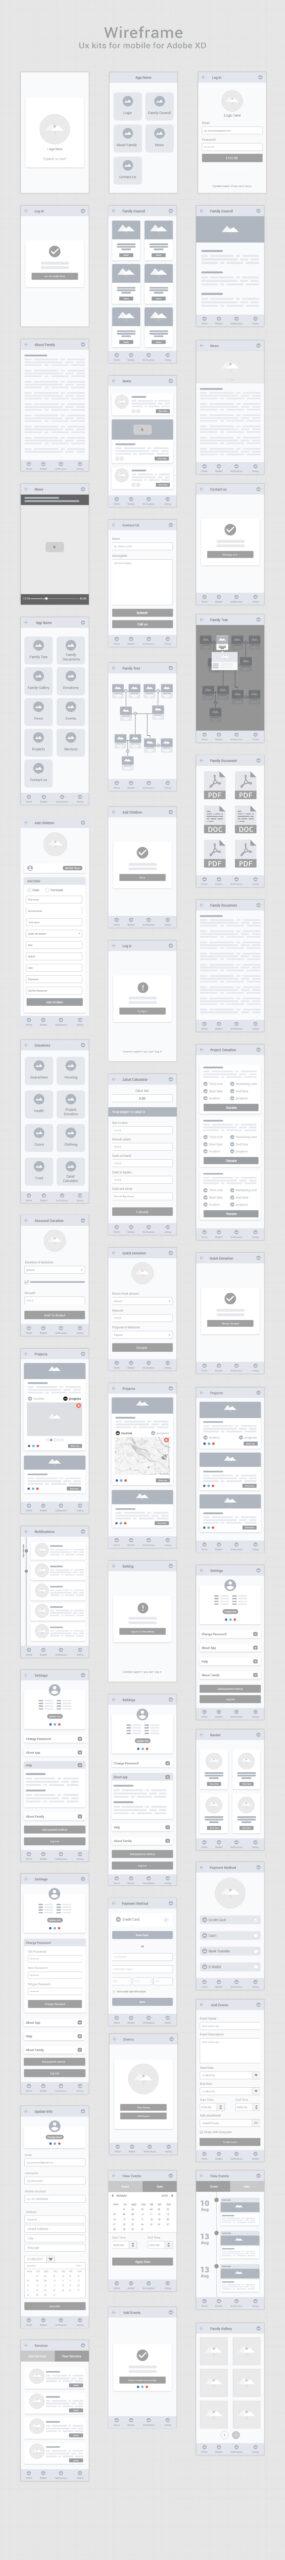 免费手机APP应用线框图插图